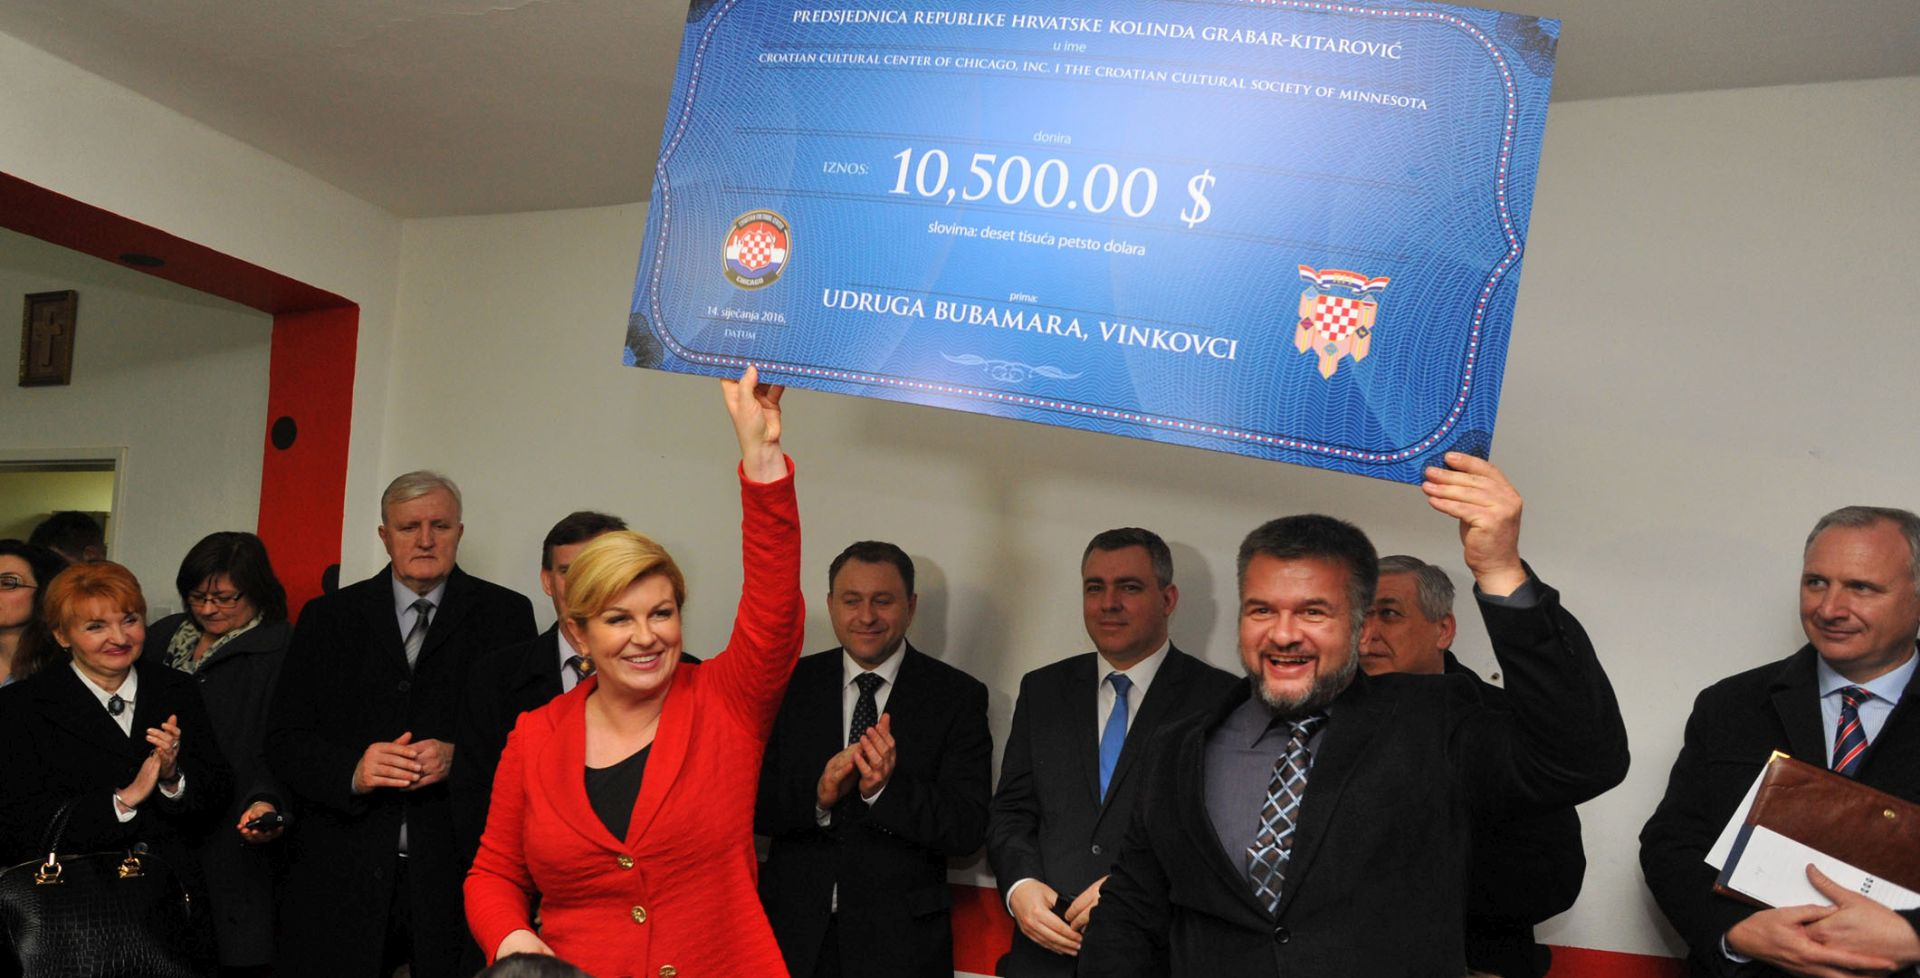 """Vinkovci: Predsjednica Kolinda Grabar-Kitarović posjetila udruge """"Bubamara"""" i """"8+"""""""